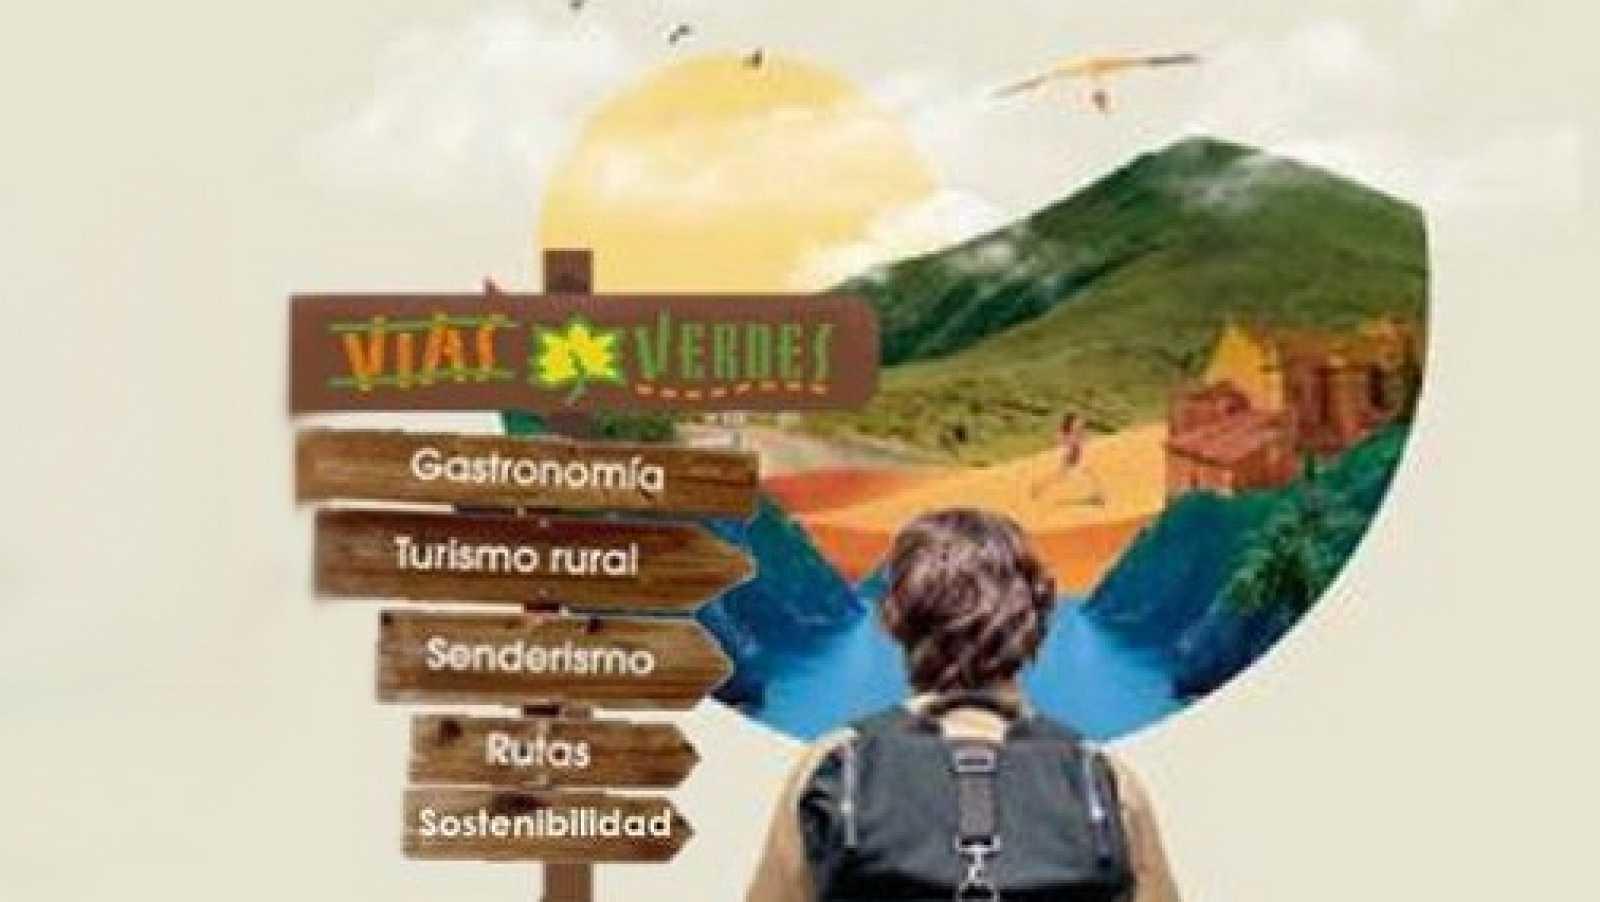 En clave Turismo - ExpoTural, en Ifema del 27 al 29 septiembre, todo en turismo de naturaleza y sostenible - 17/09/19 - escuchar ahora